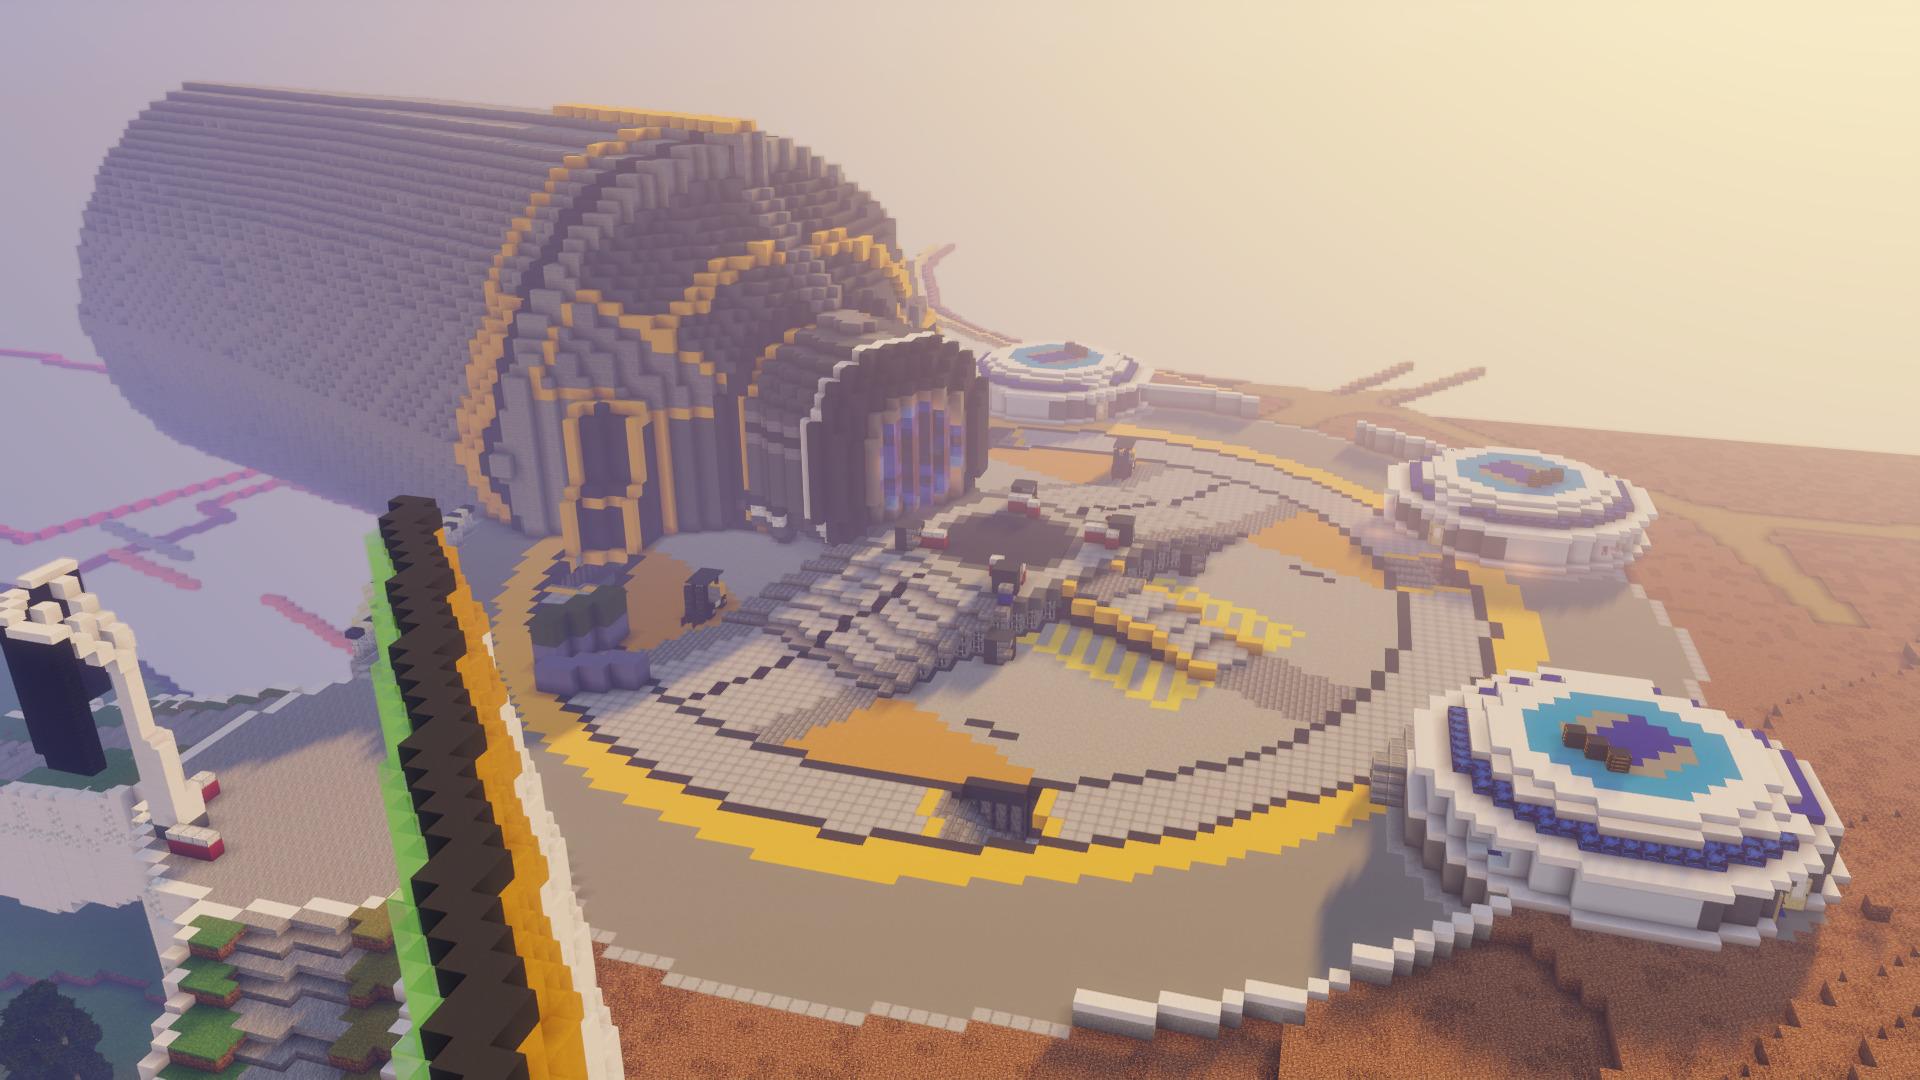 【凄い】マインクラフトでオリンパスの「フェーズランナー」を作ってみた